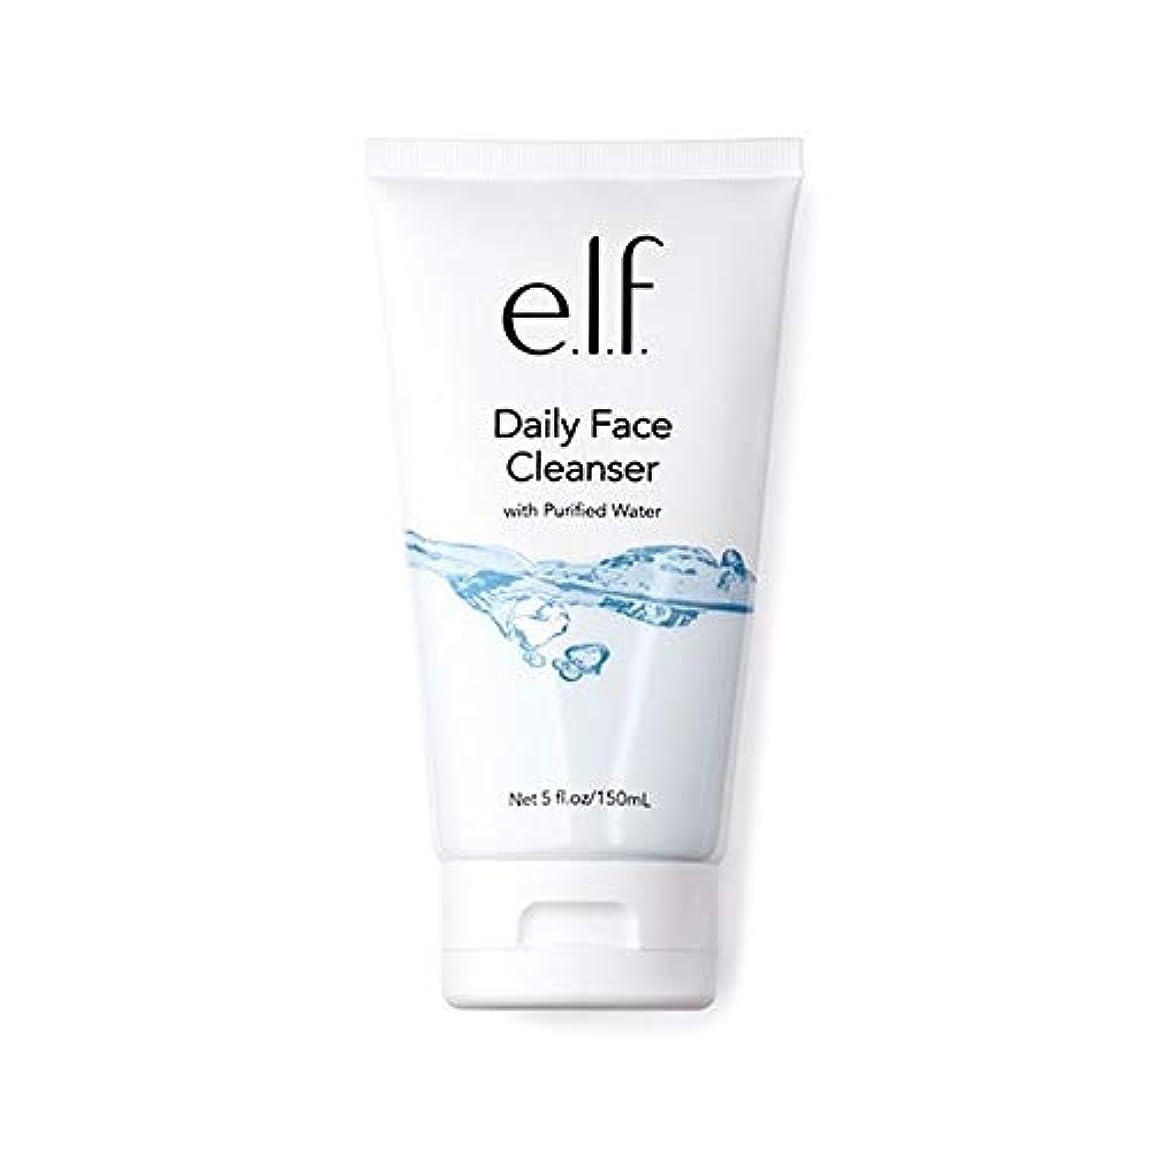 鉱石究極の必須[Elf ] エルフ。毎日顔クレンザー150ミリリットル - e.l.f. Daily Face Cleanser 150ml [並行輸入品]